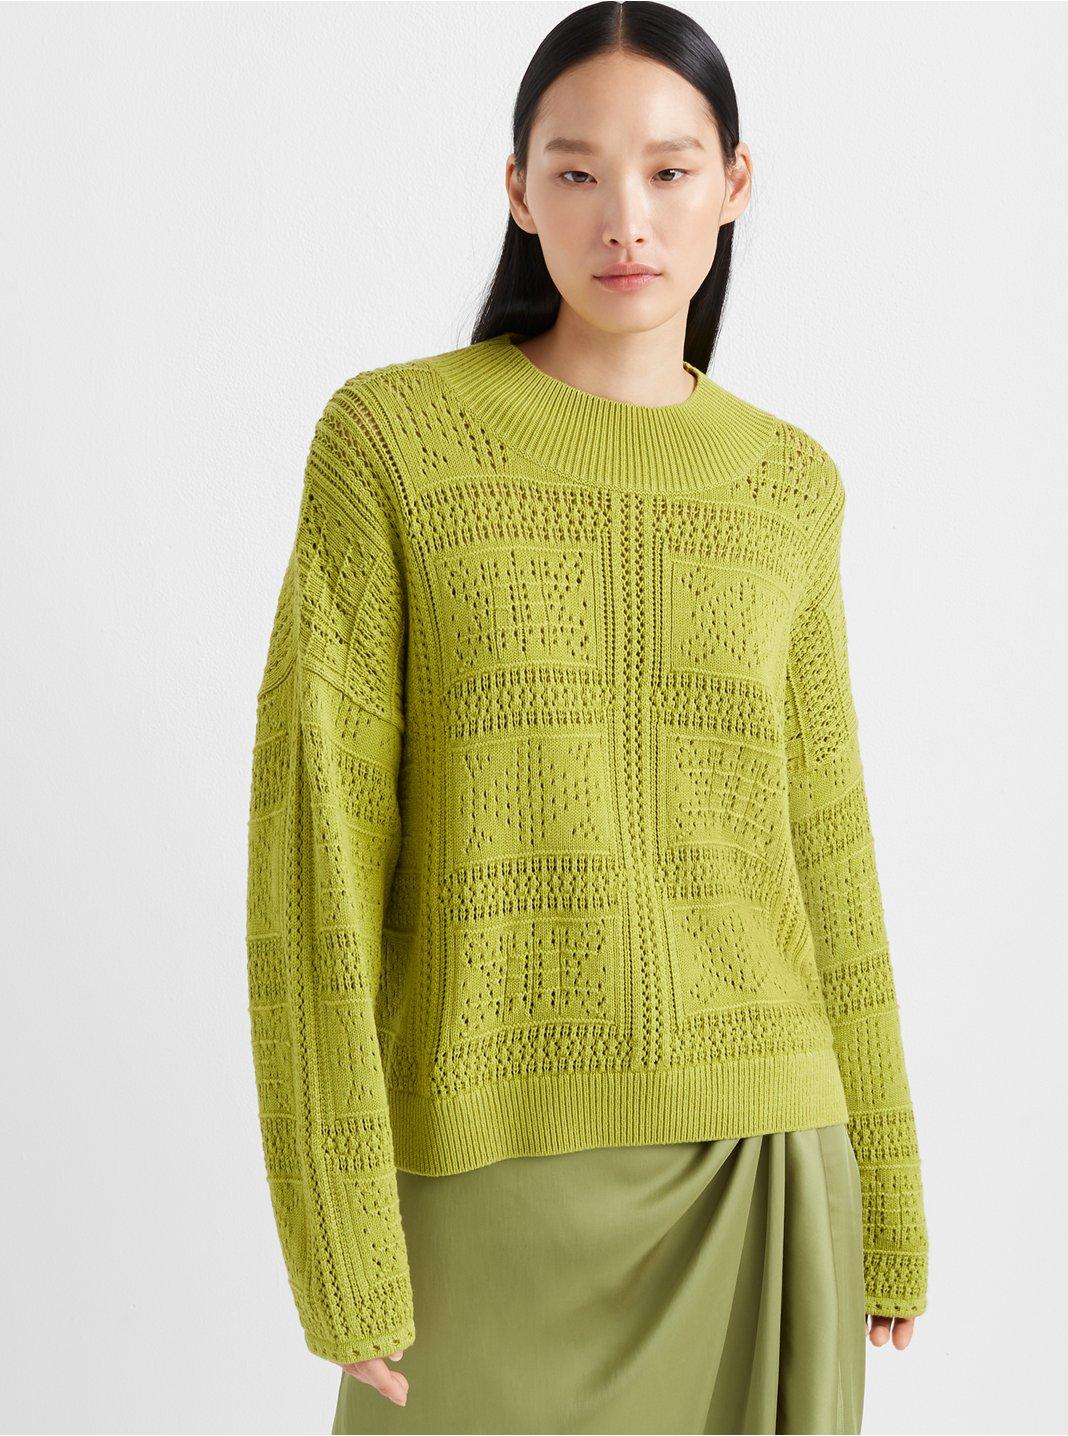 Pointelle Stitch Sweater